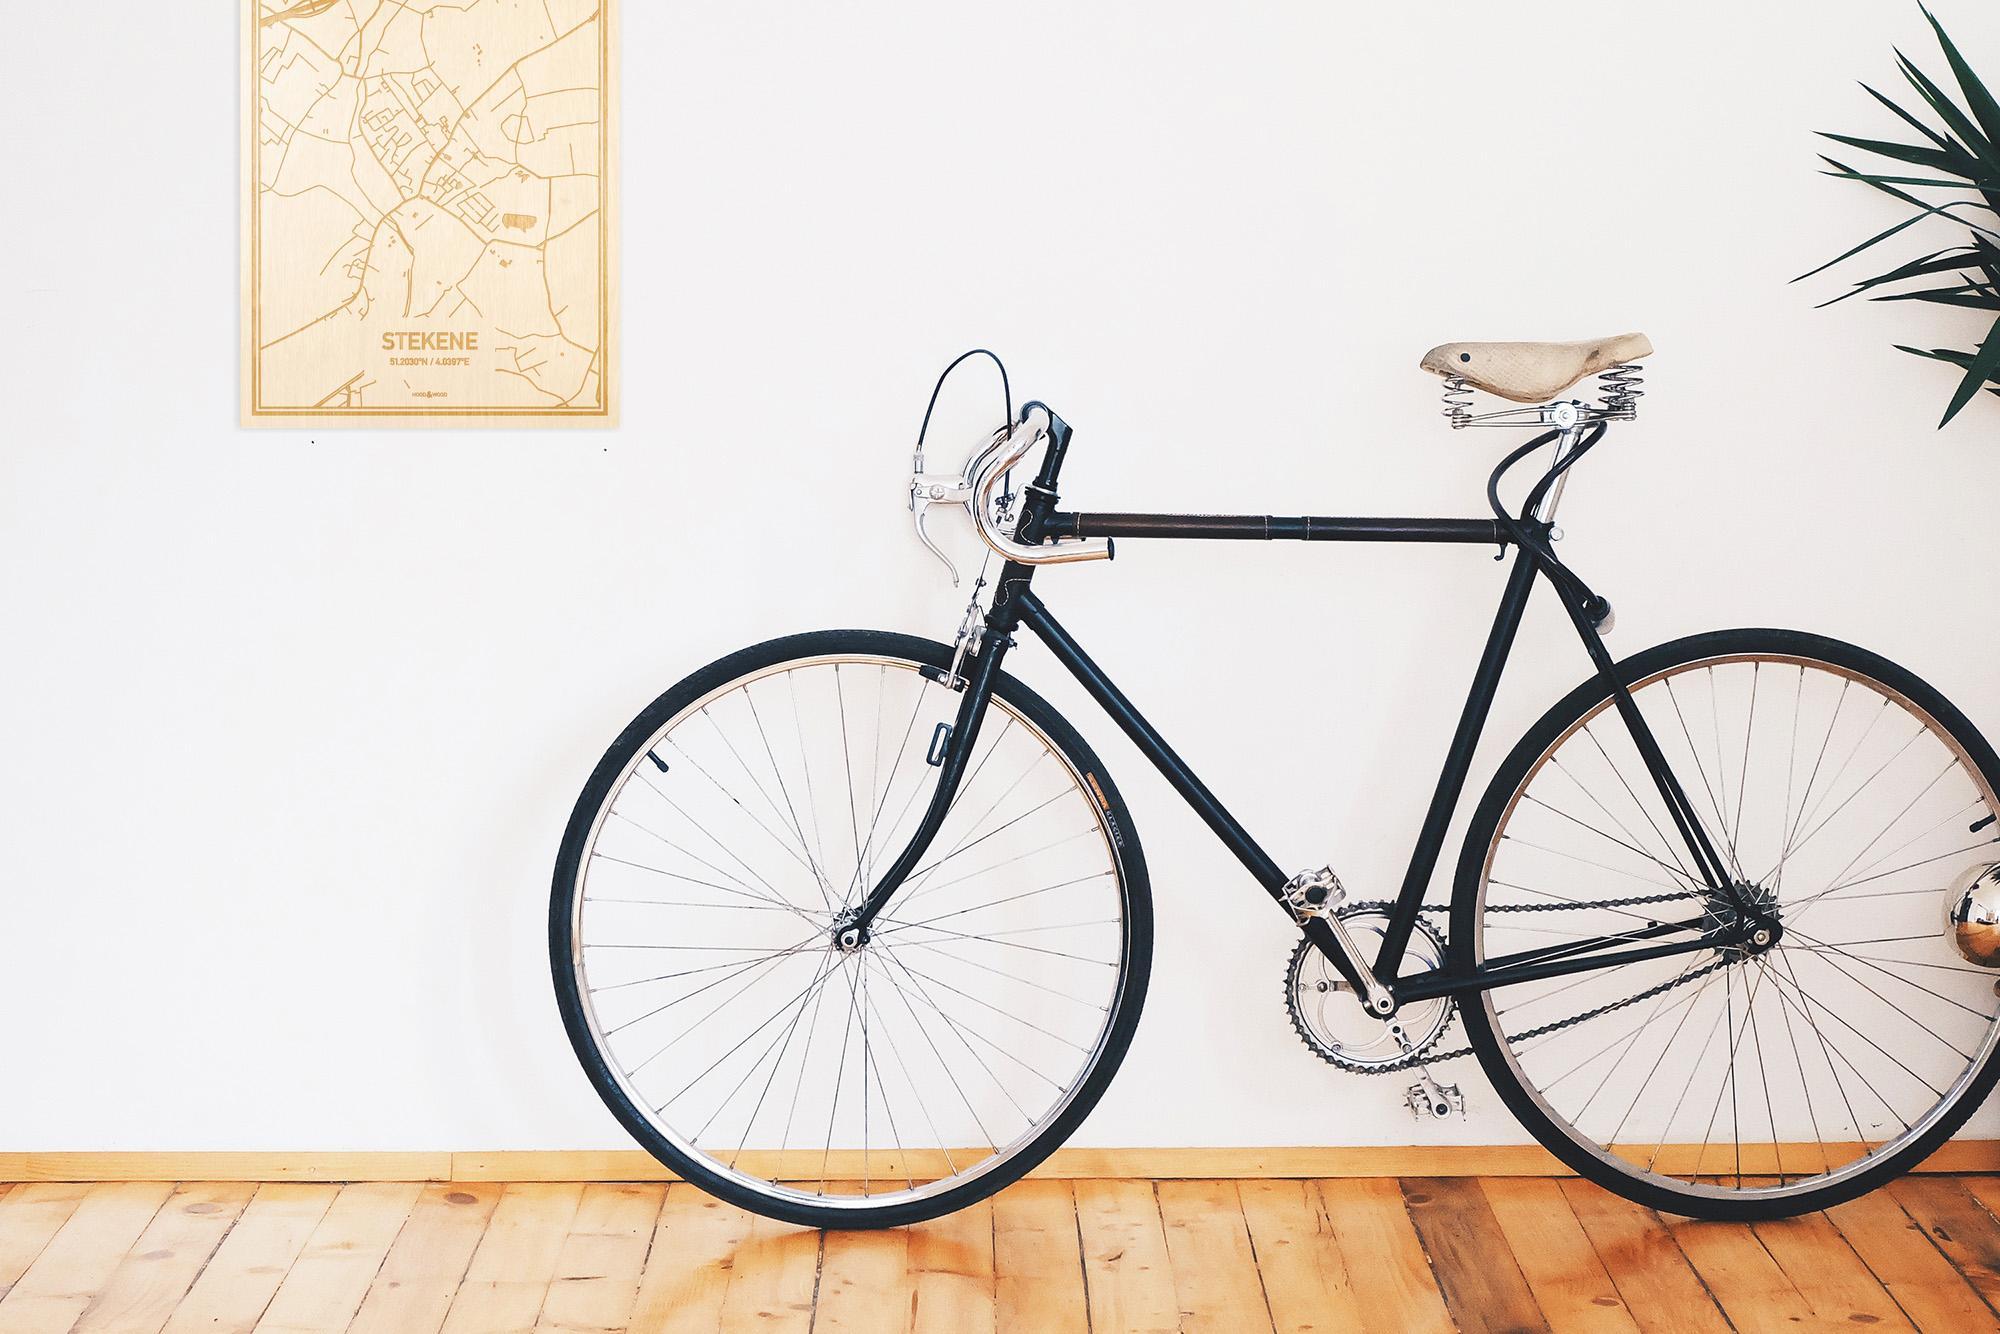 Een snelle fiets in een uniek interieur in Oost-Vlaanderen  met mooie decoratie zoals de plattegrond Stekene.